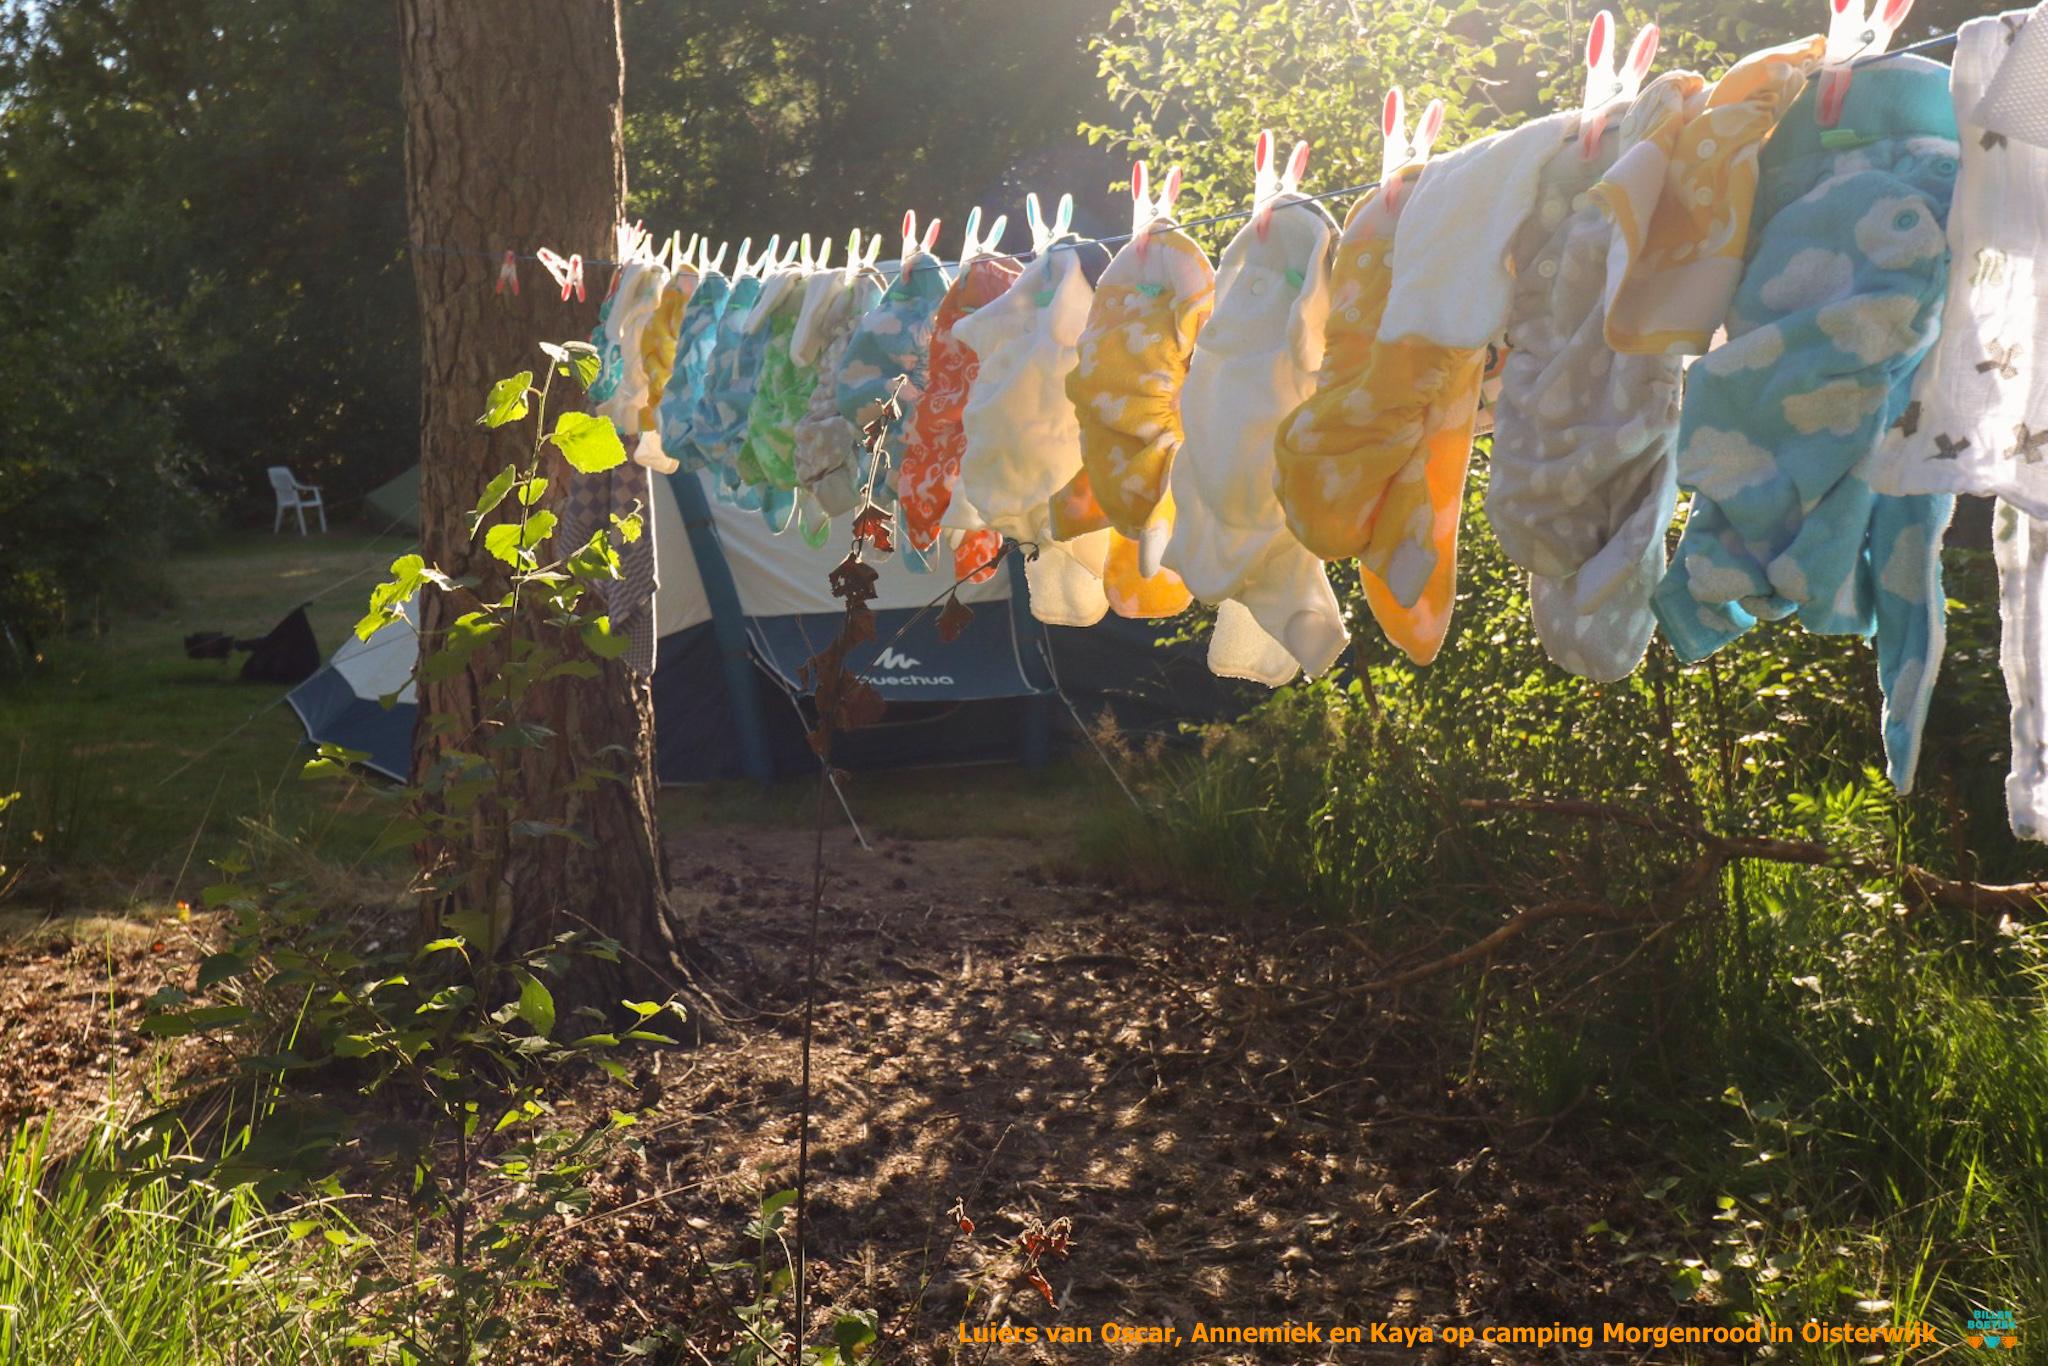 wasbare luiers op vakantie Camping Morgenrood in Oisterwijk Billenboetiek Oscar Farg